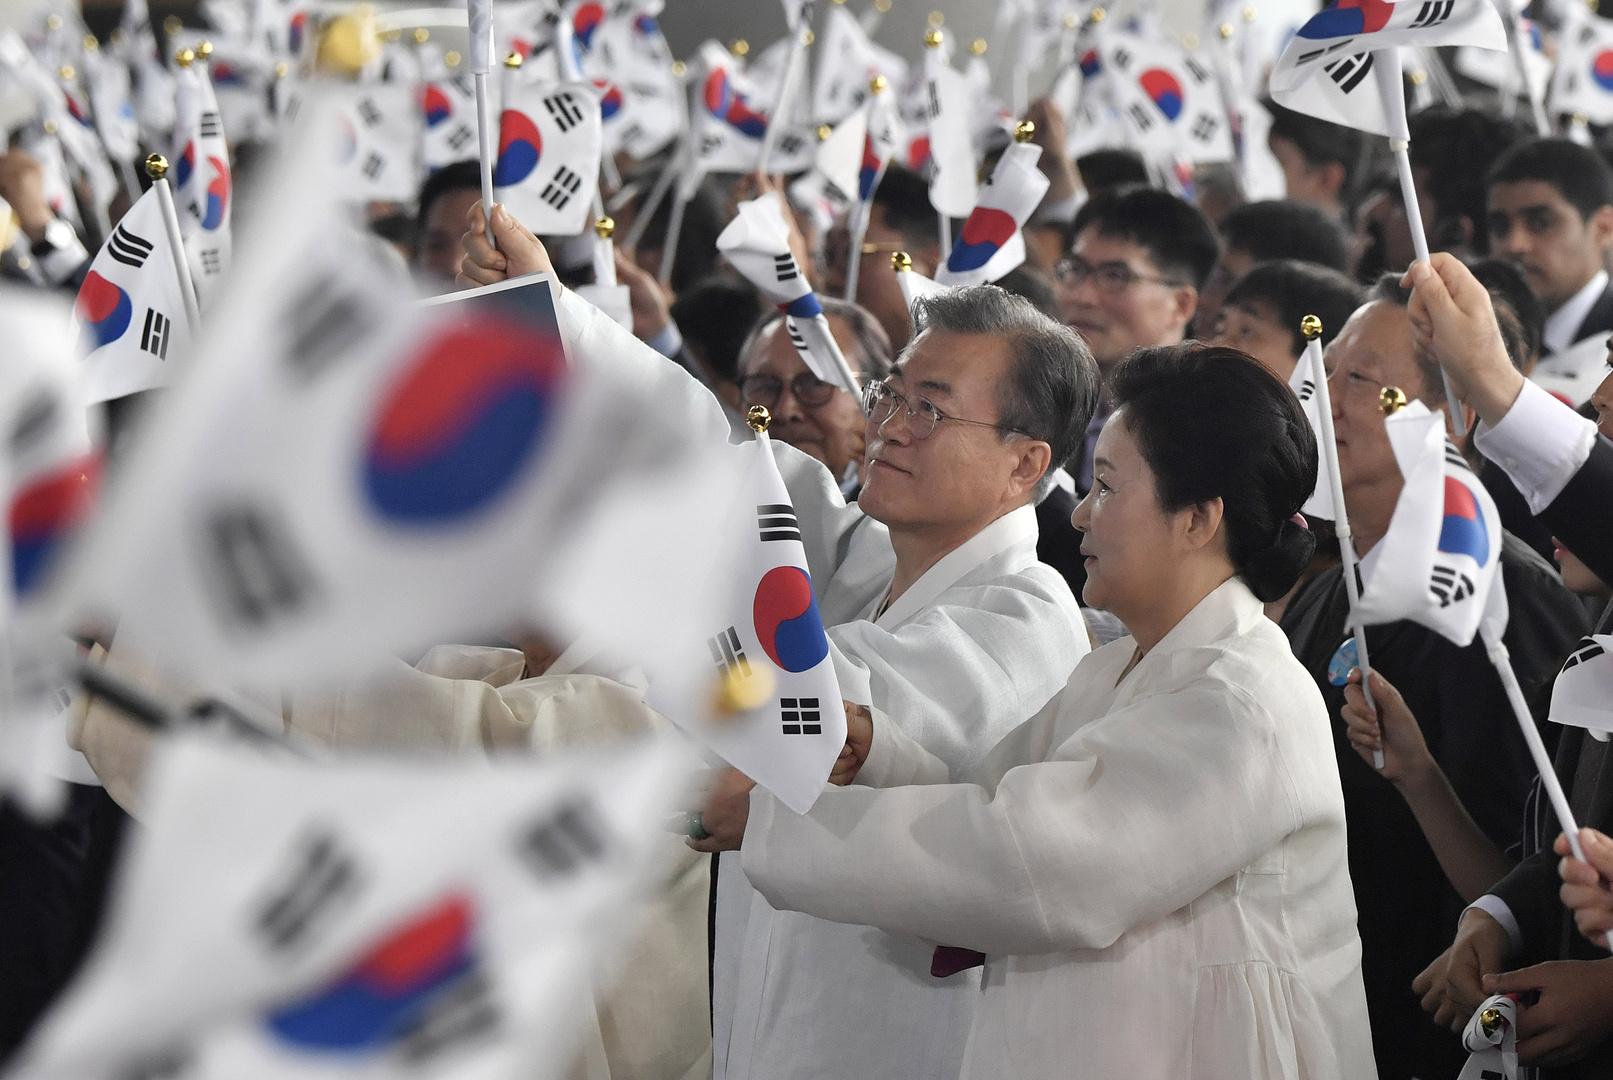 سيئول تسعى لإجراء محادثات بين بيونغ يانغ وواشنطن في أسرع وقت